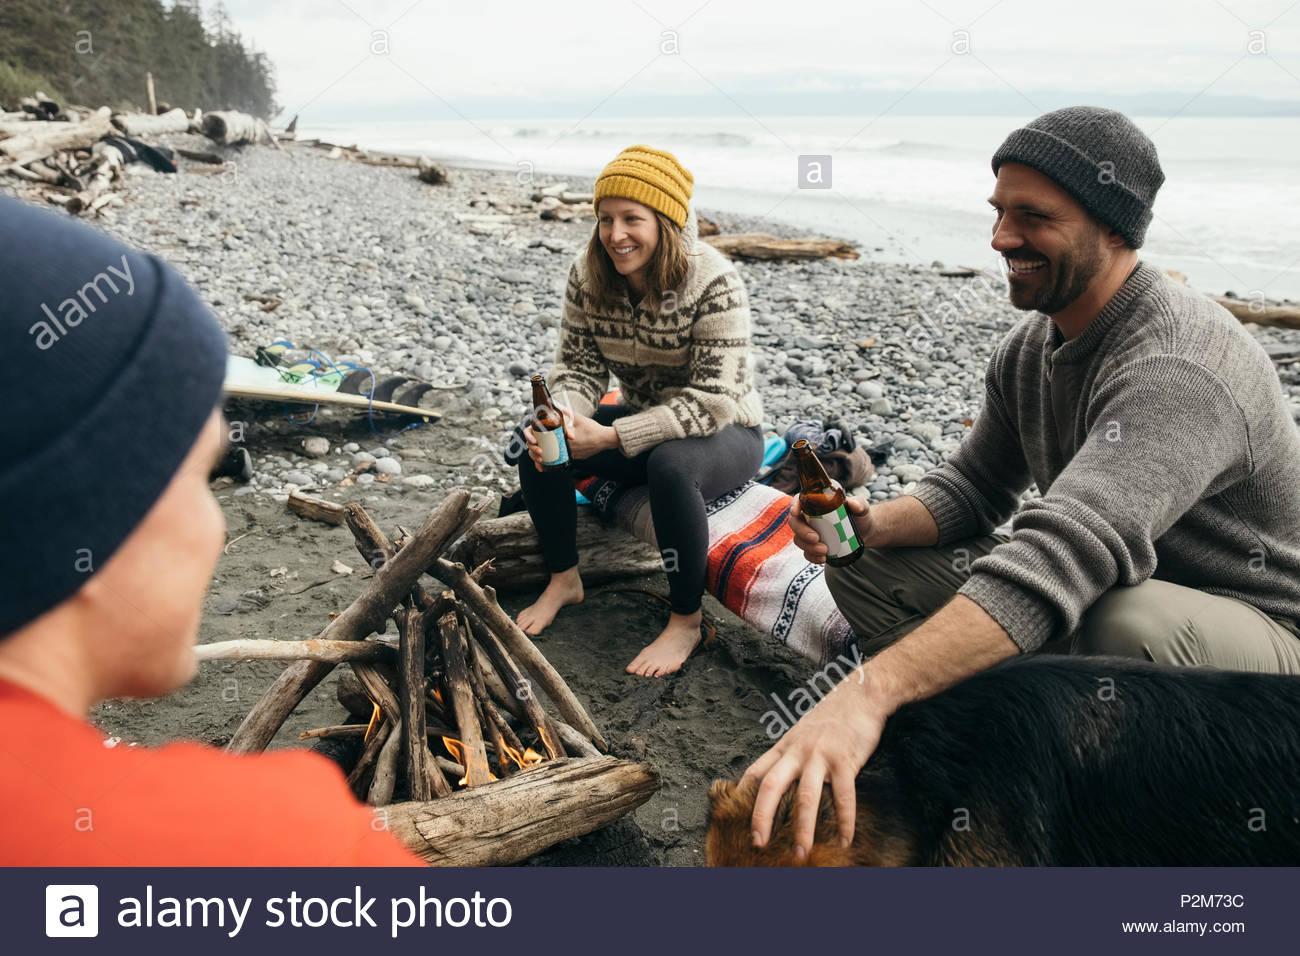 Amigos, disfrutando de una escapada de fin de semana de surf, bebiendo cerveza en una fogata en la playa resistente Imagen De Stock